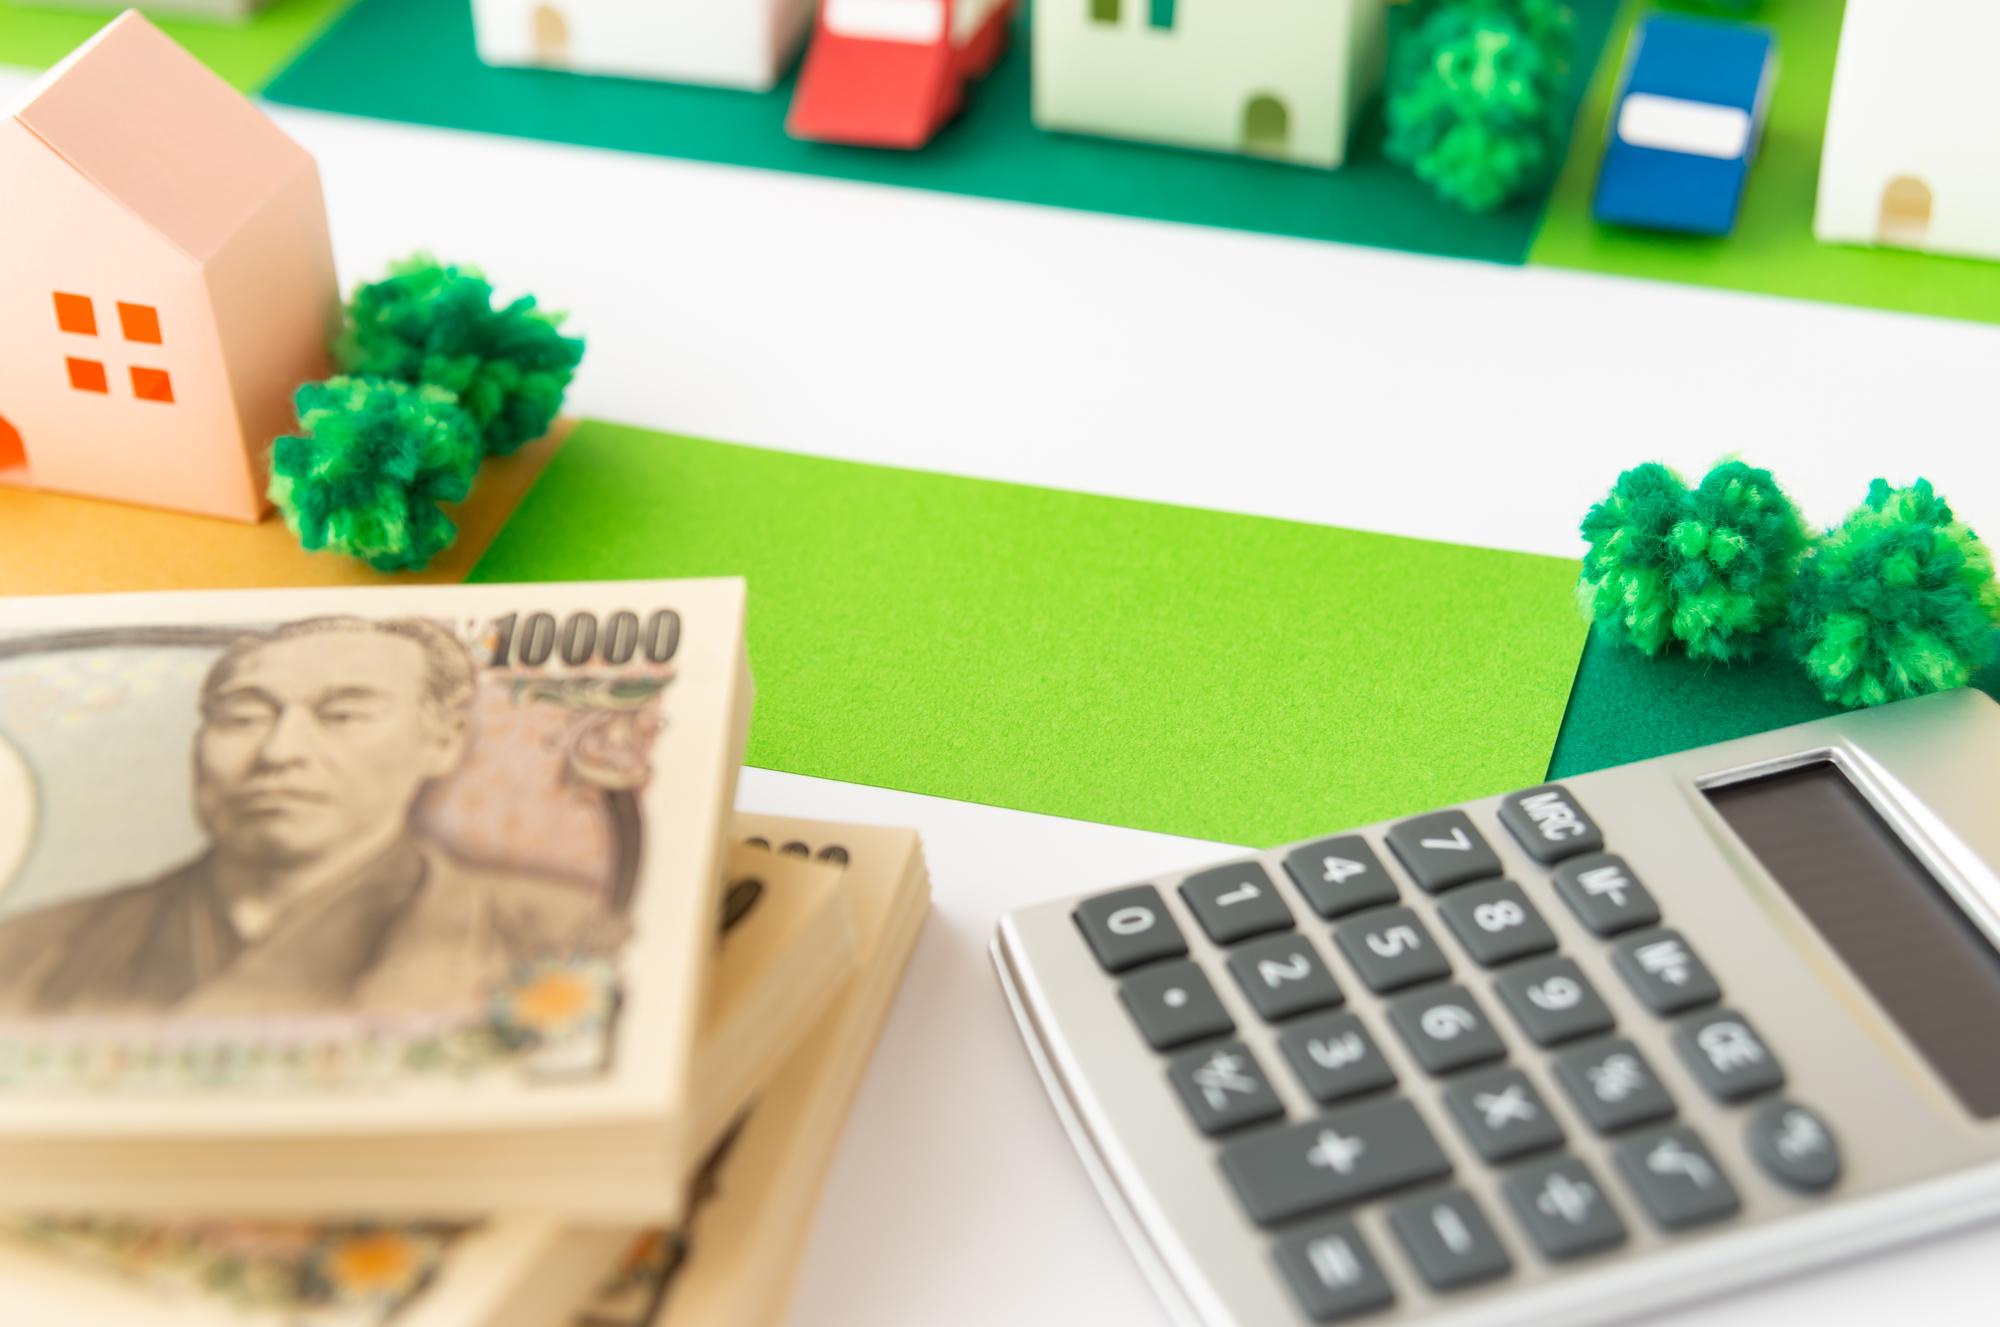 課税対象者は土地と建物で異なる